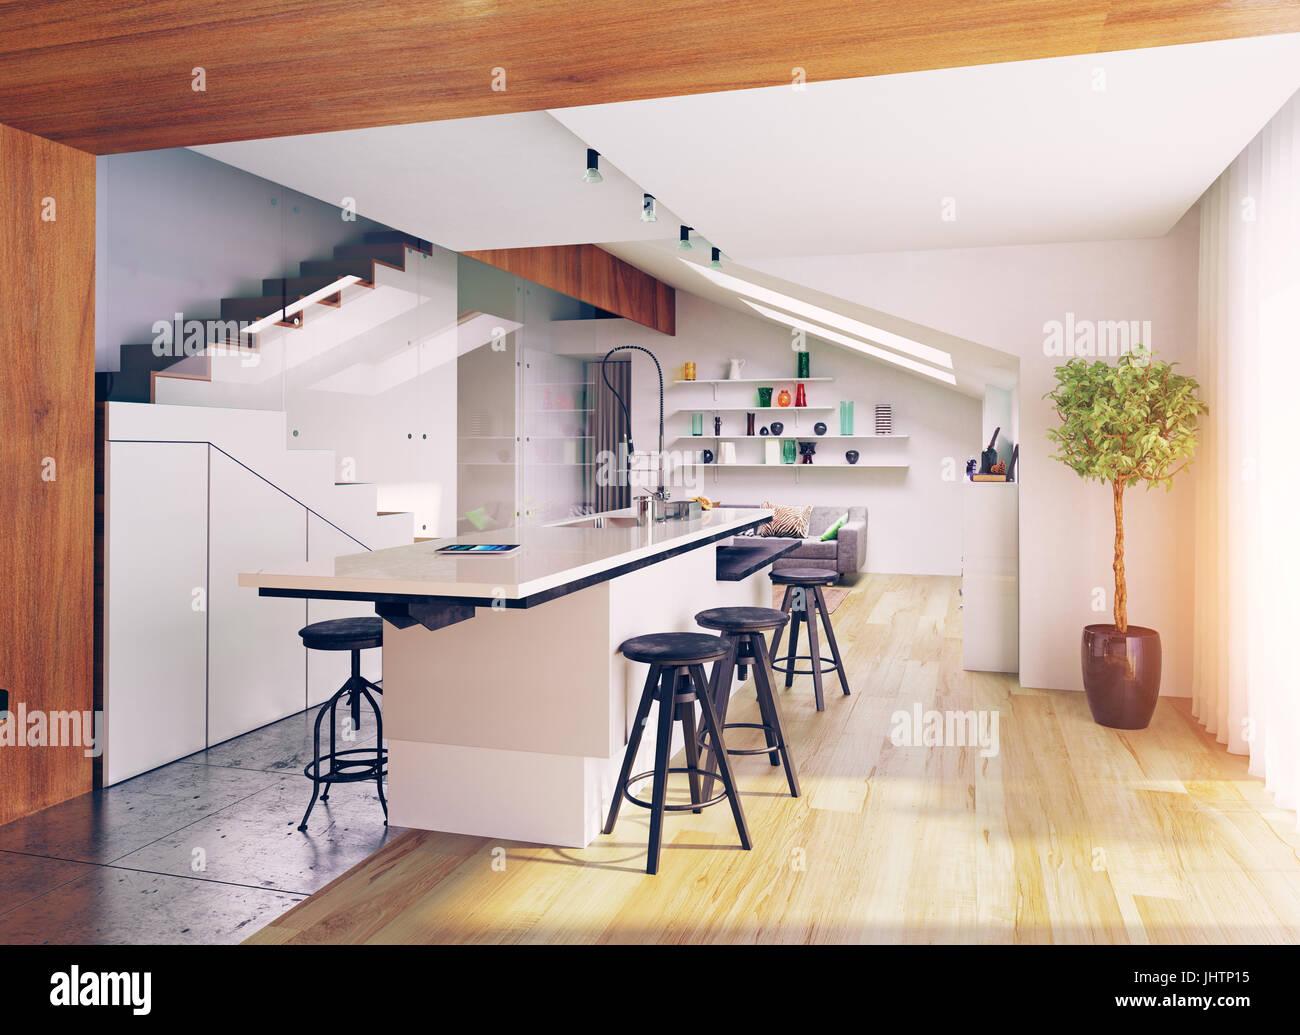 moderne Dachgeschoss Küche Interieur. 3D-Konzept Abbildung Stockfoto ...